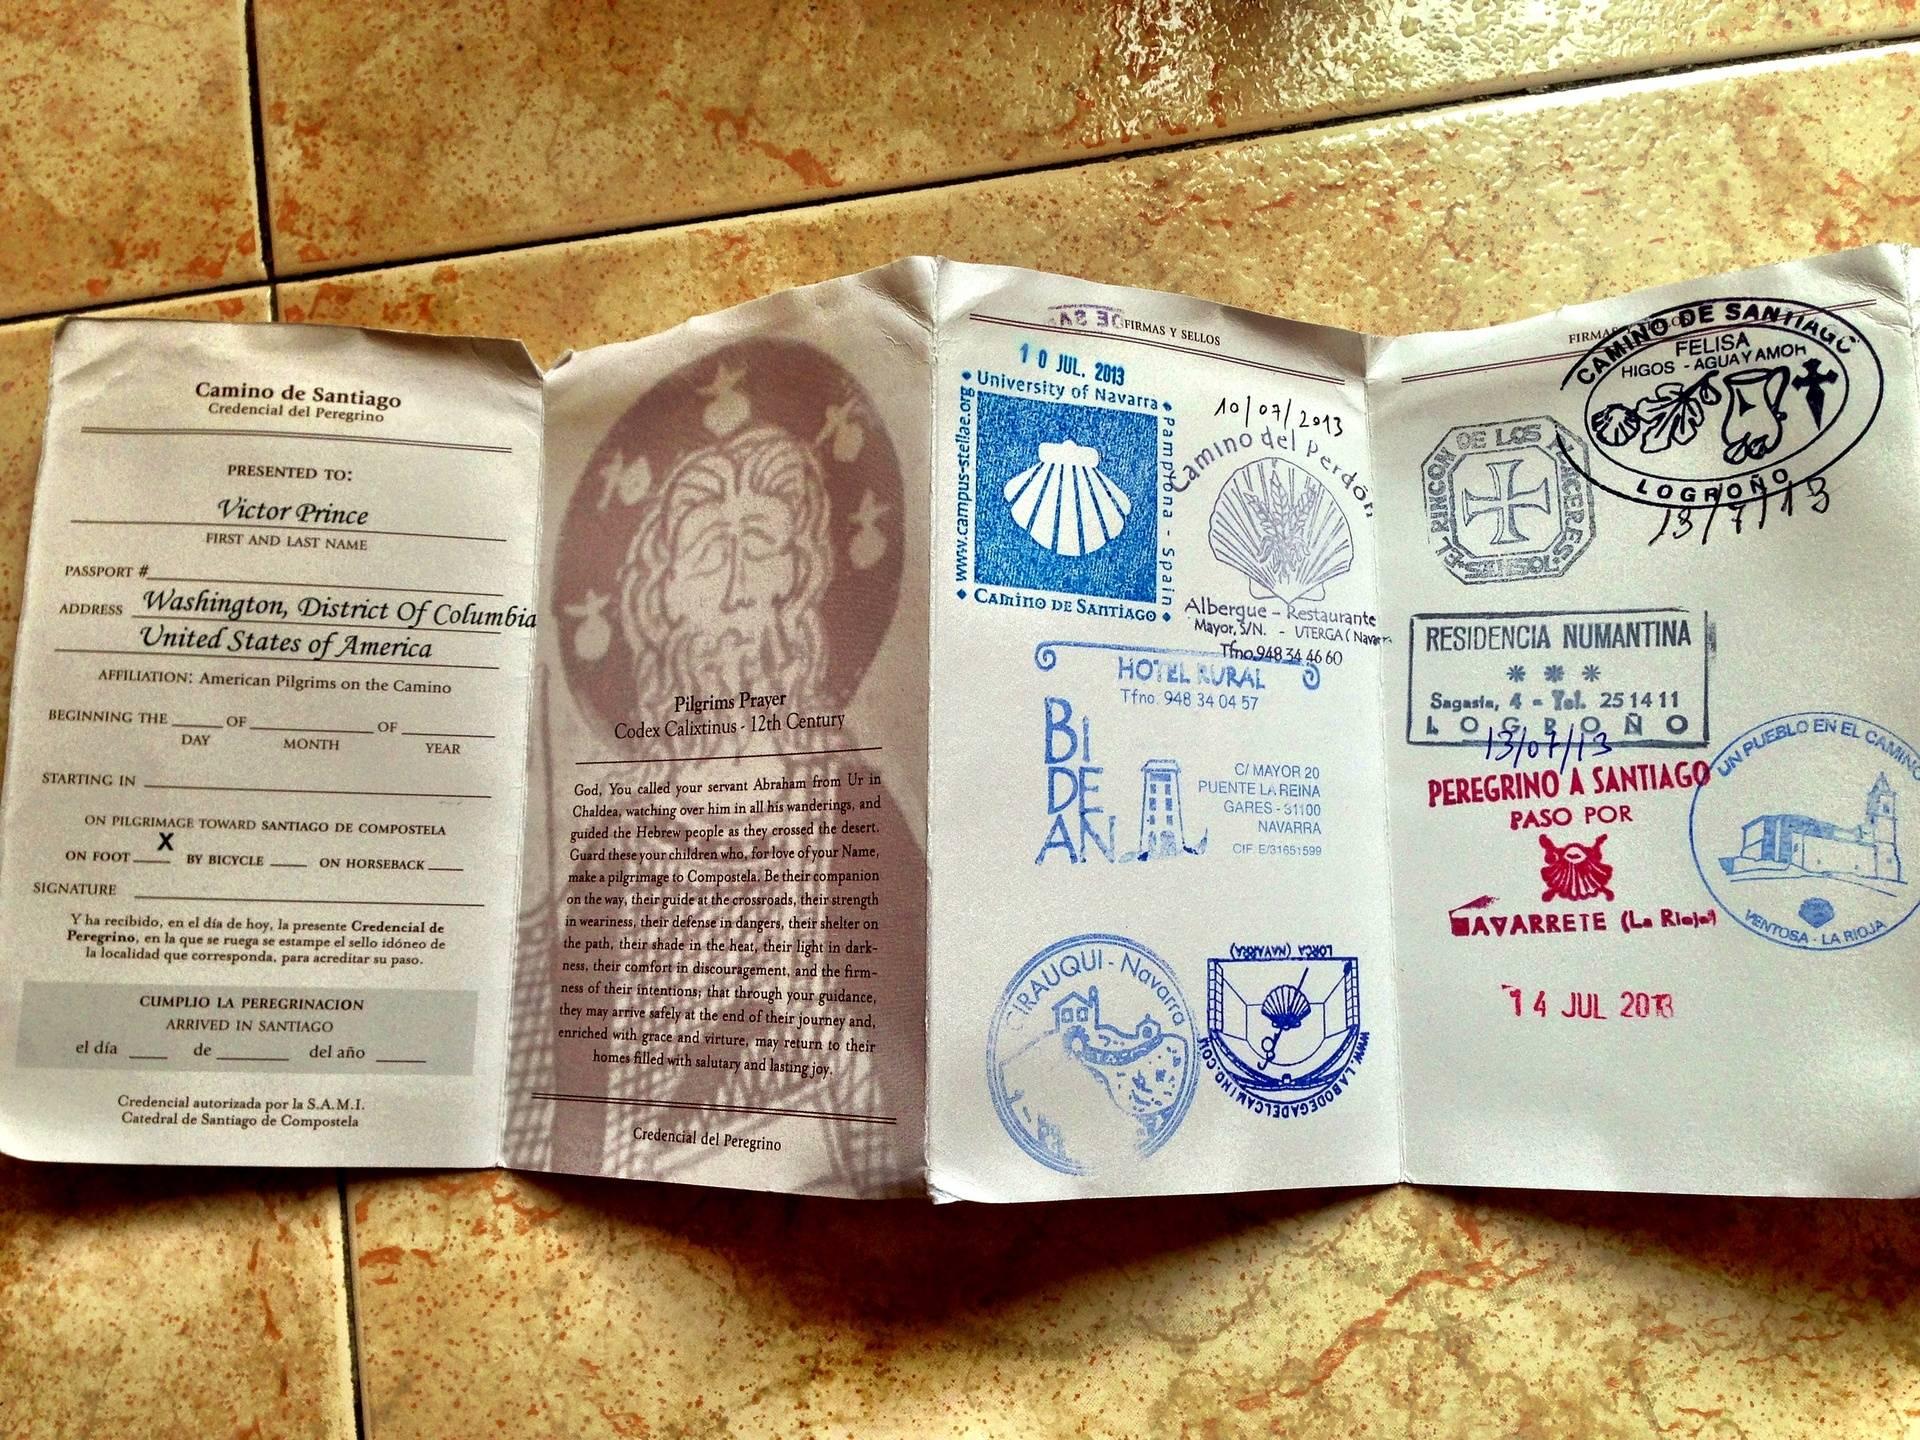 My Camino Passport